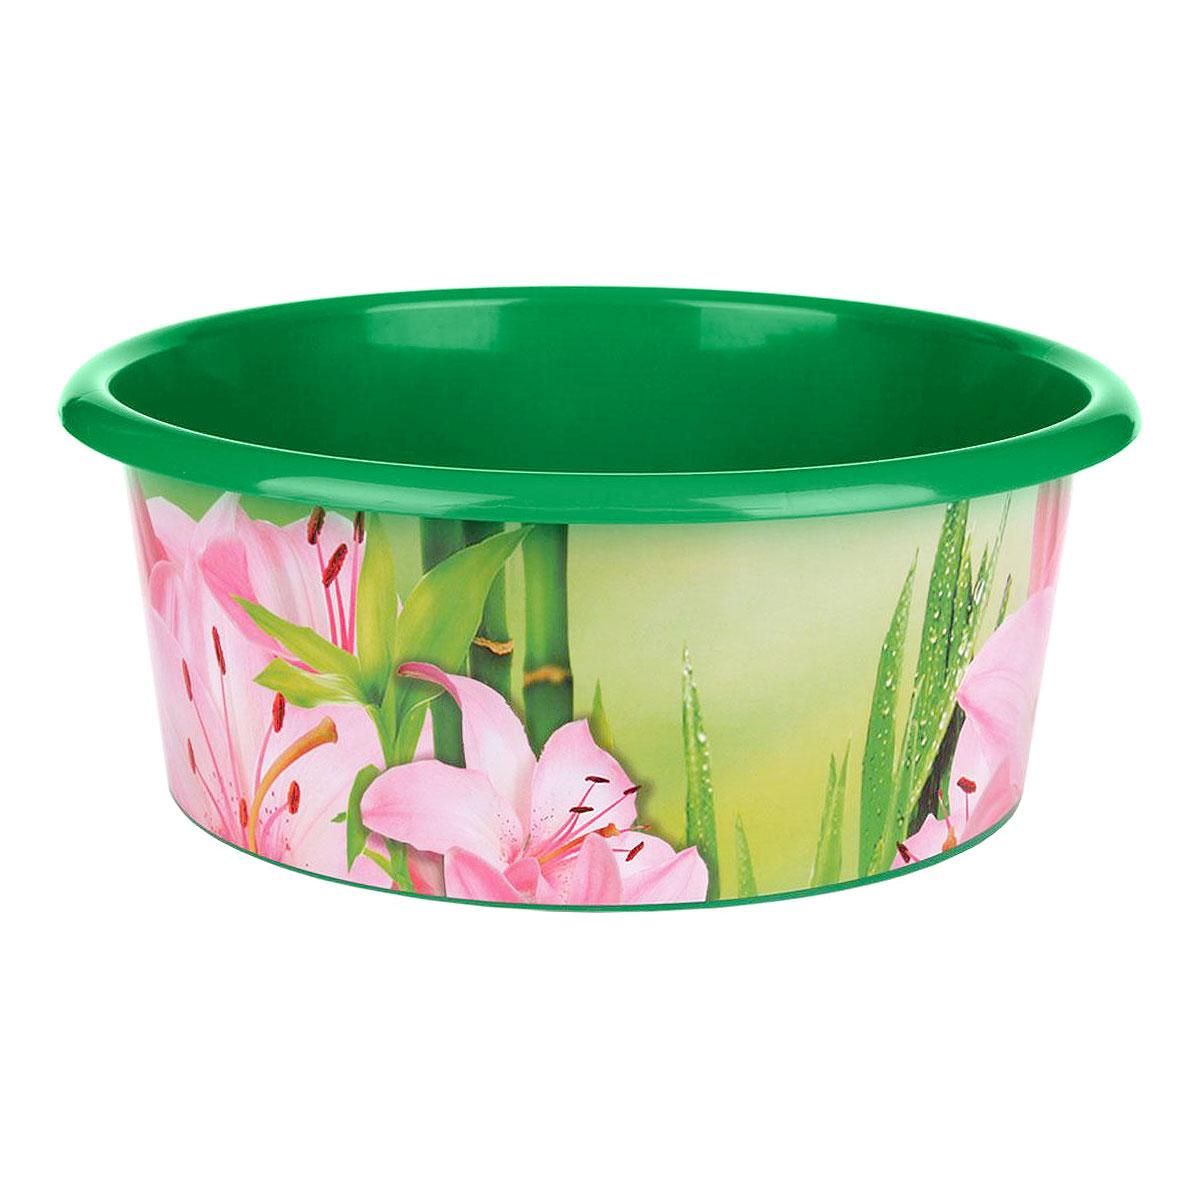 Таз Марлен, цвет: зеленый, 15 лМ2474Таз Марлен изготовлен из высококачественного пластика. Он выполнен в классическом круглом варианте. По бокам имеются углубления, которые обеспечивают удобный захват. Таз предназначен для стирки и хранения разных вещей. Он пригодится в любом хозяйстве.